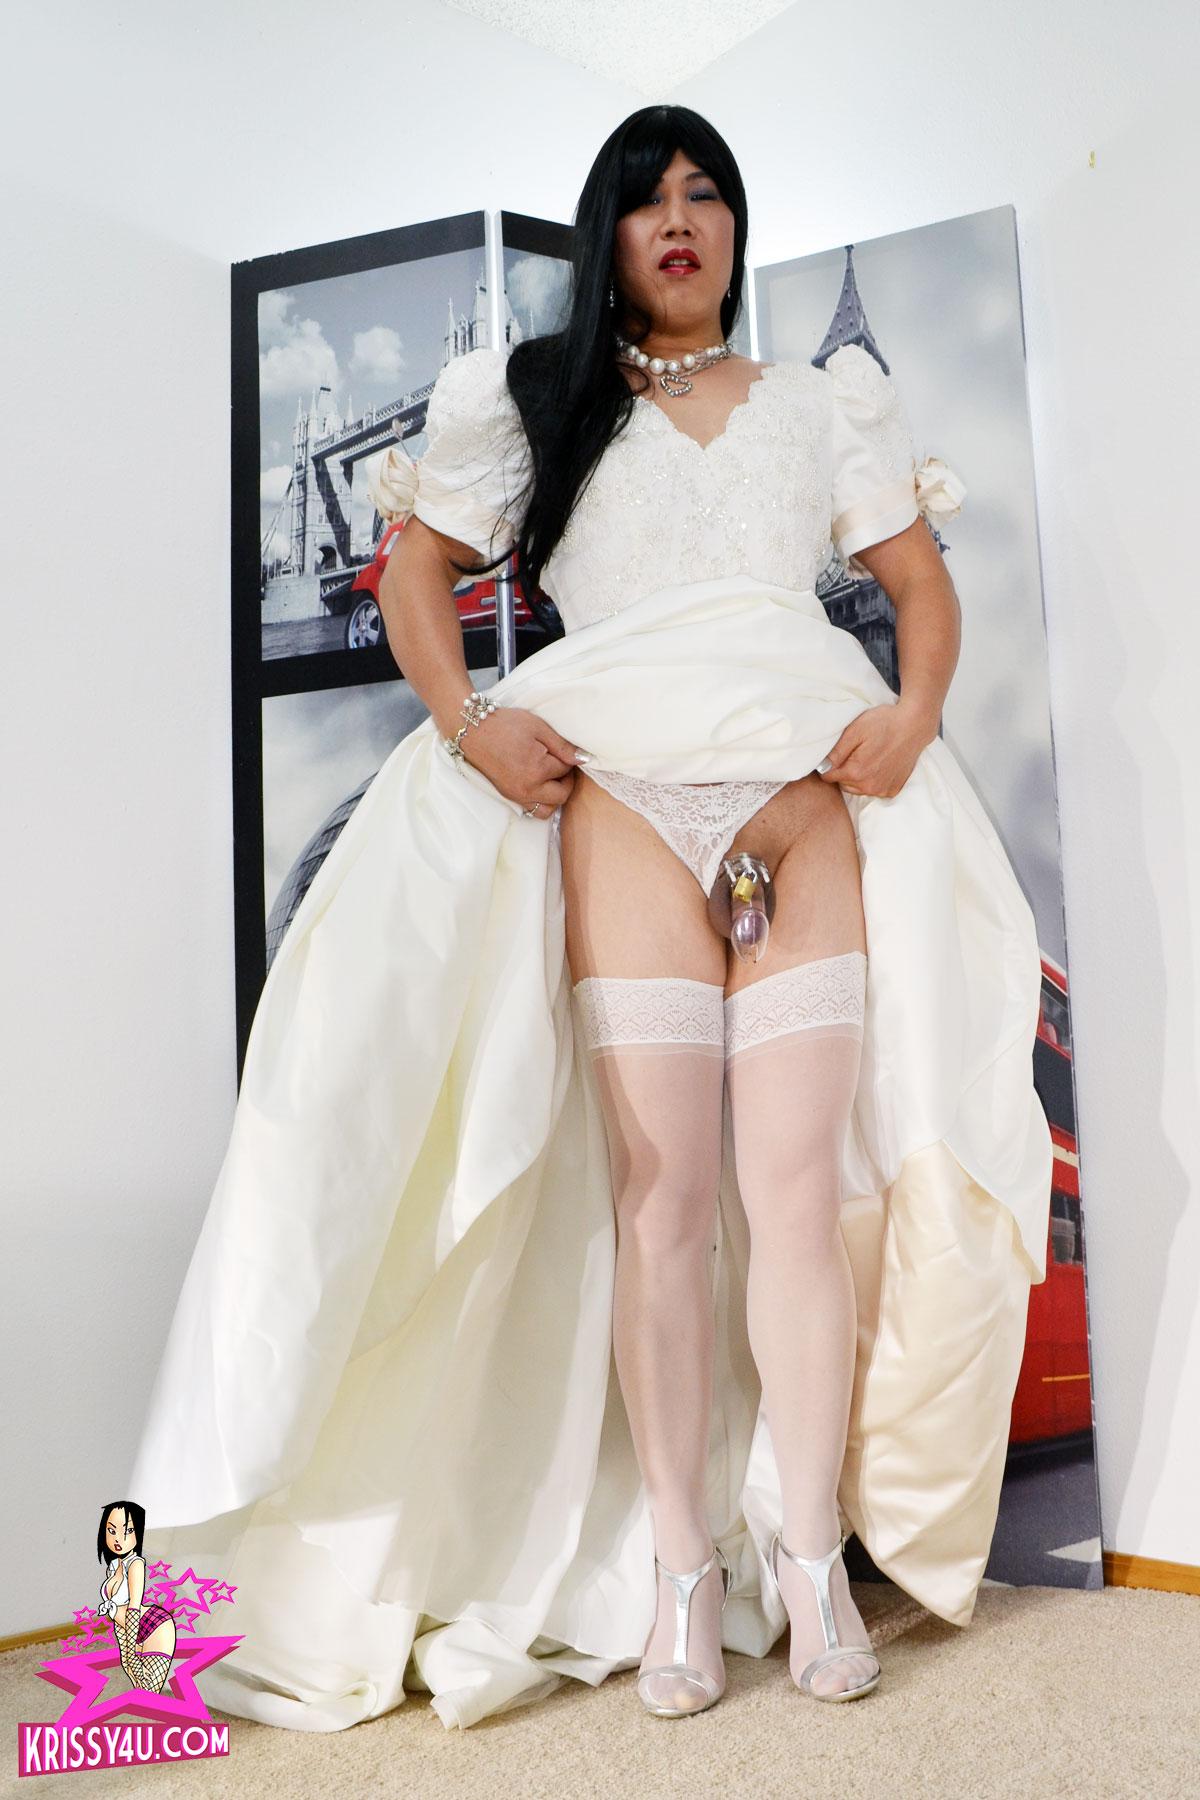 Ladyboy bride